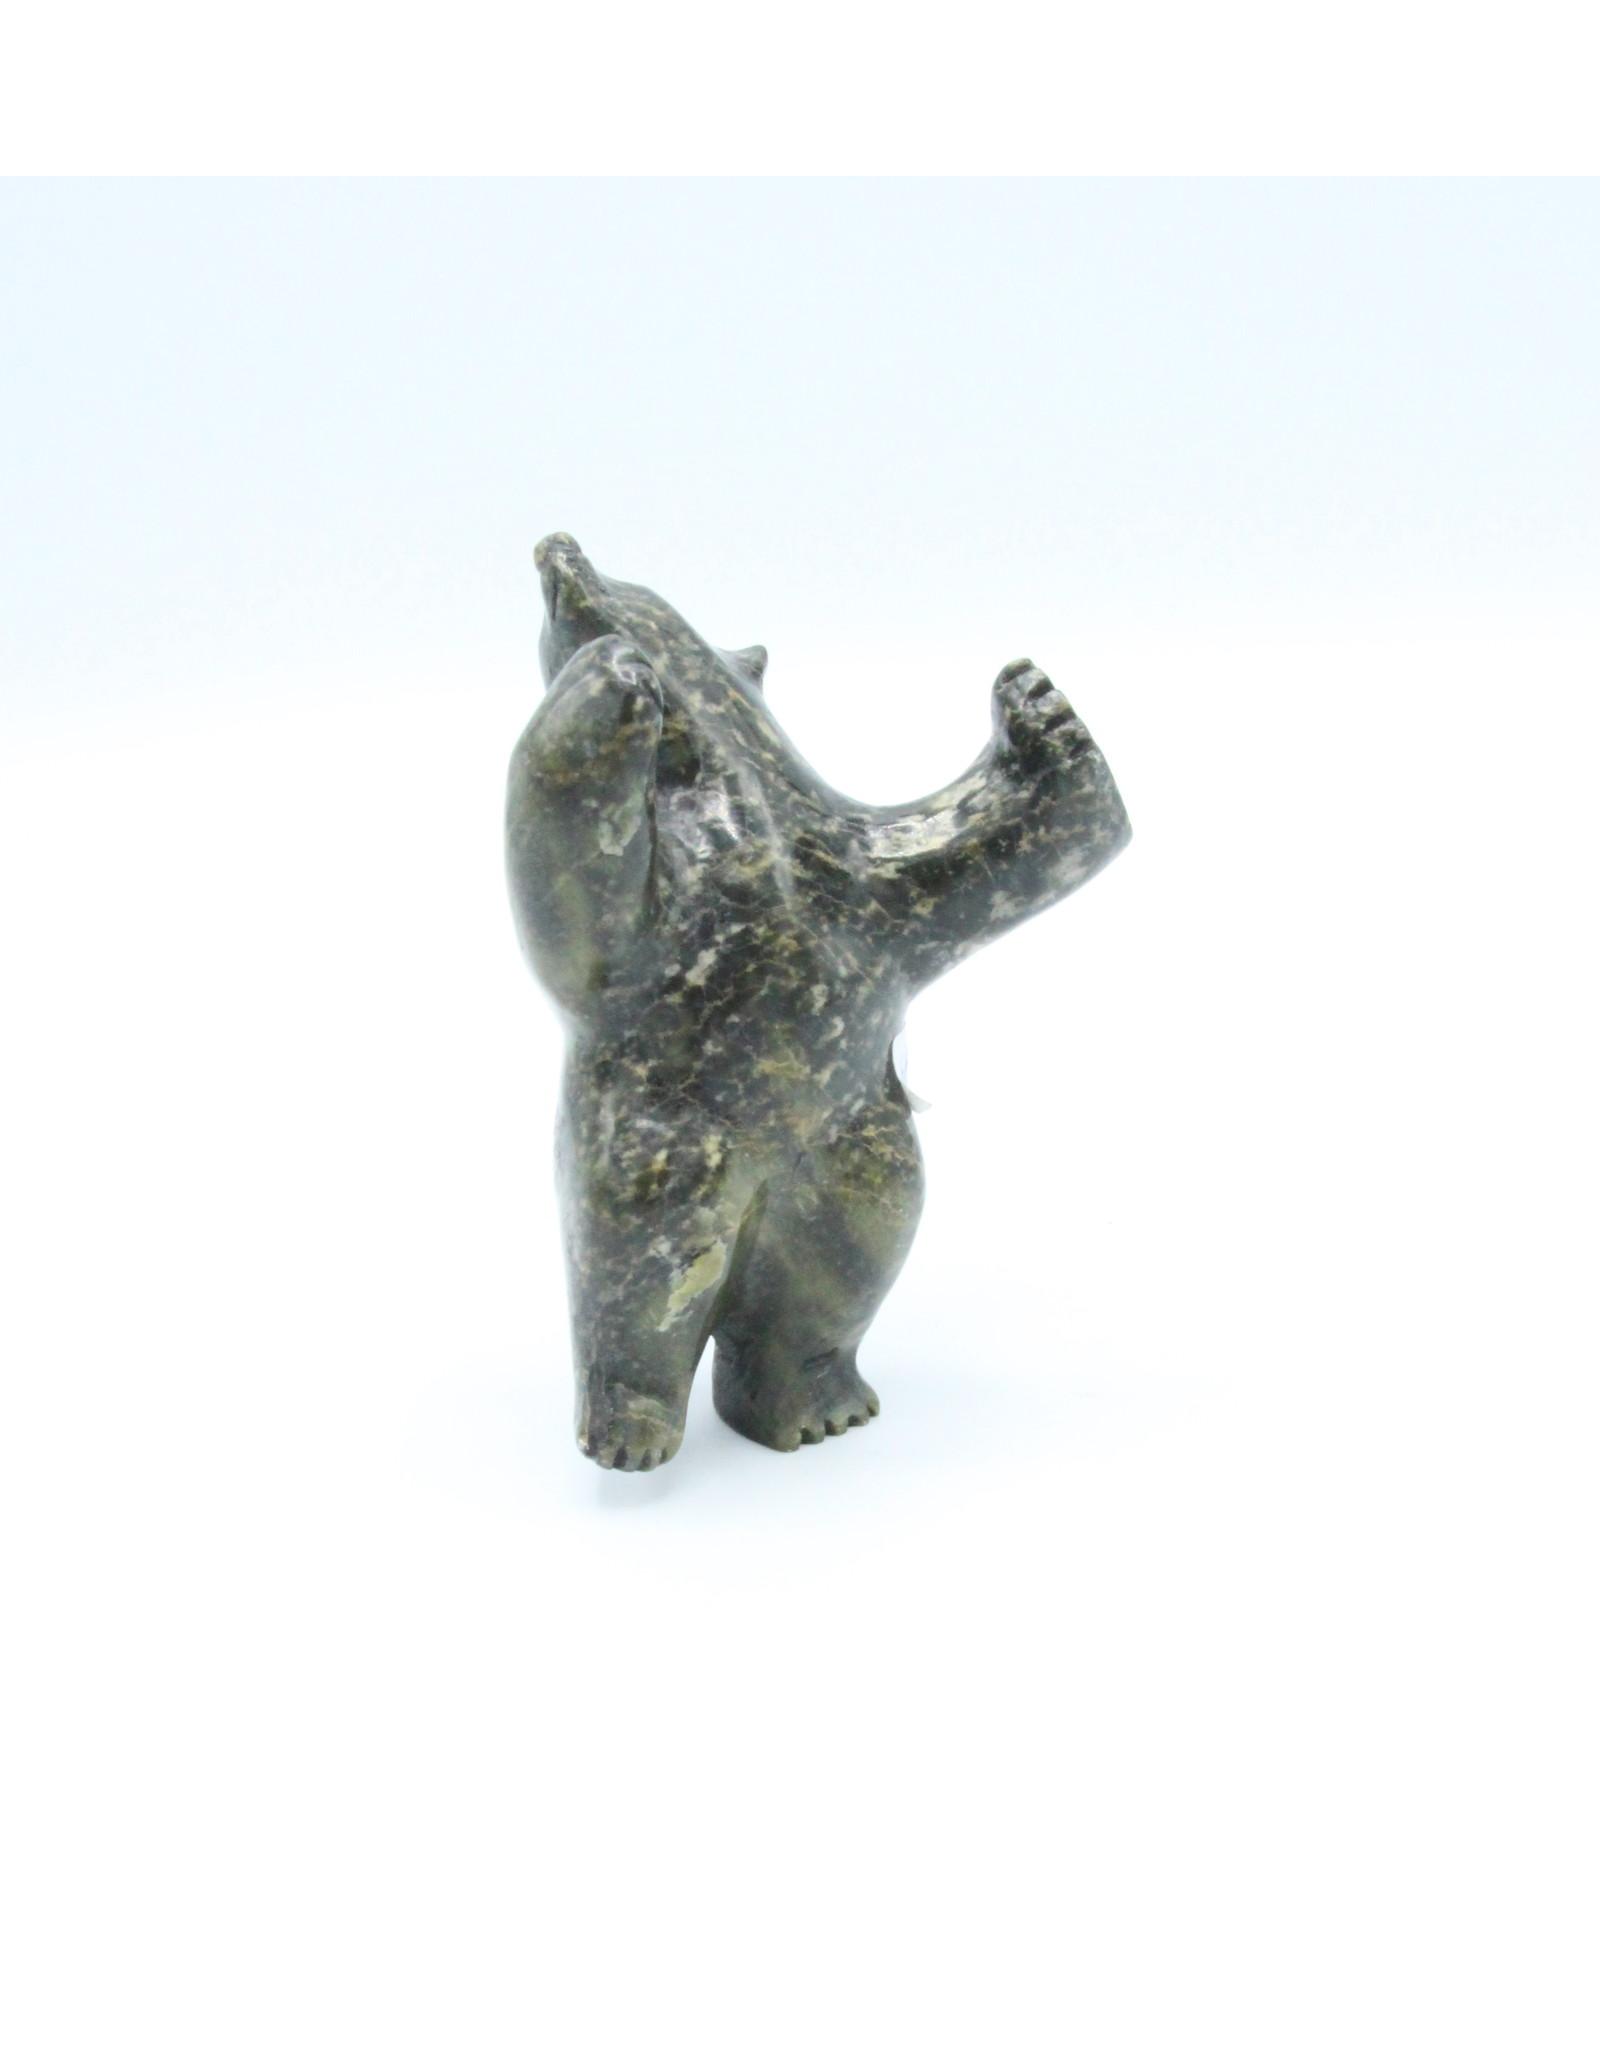 Bear by Oquttaq Shaa - 67144